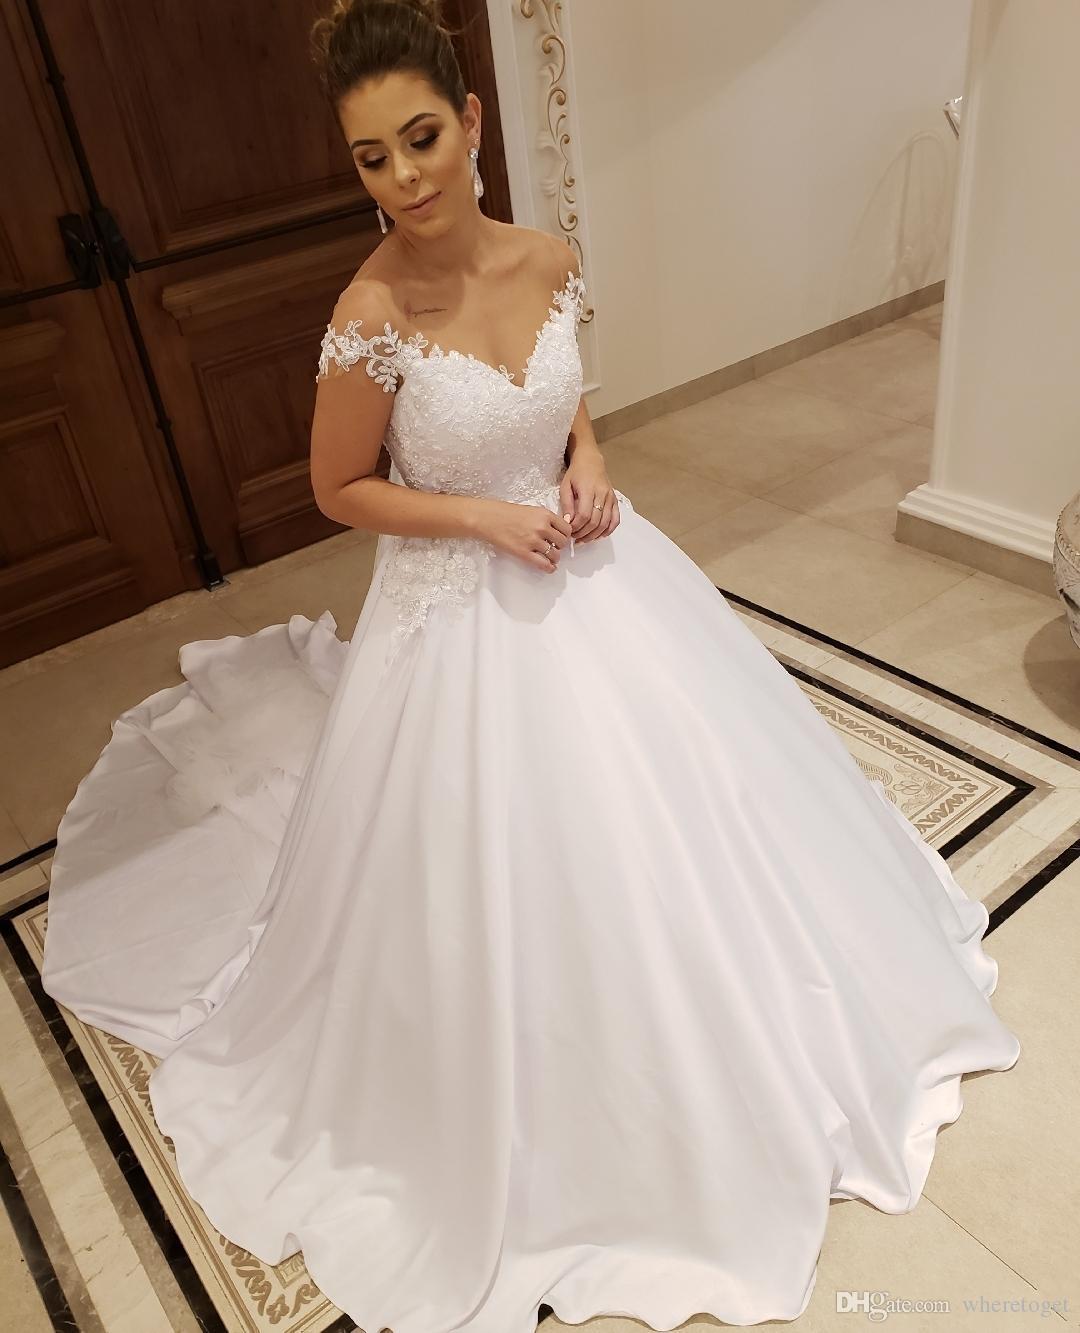 Robes De Mariée En Dentelle Taille Plus Pas Cher Cou Cou Pure Perles Cristaux Longueur Etage Robes De Mariée Robes De Mariée Robe de mariée robes de mariée